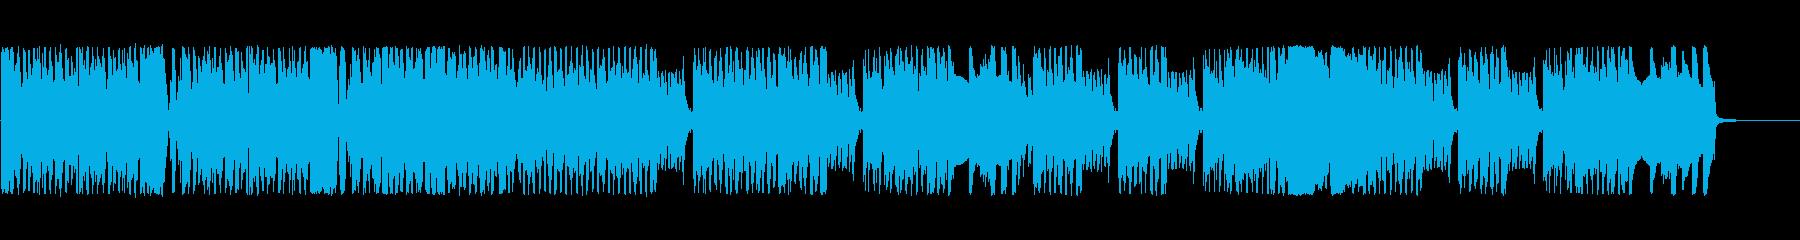 懐かしいファミコンゲーム風の楽しいBGMの再生済みの波形